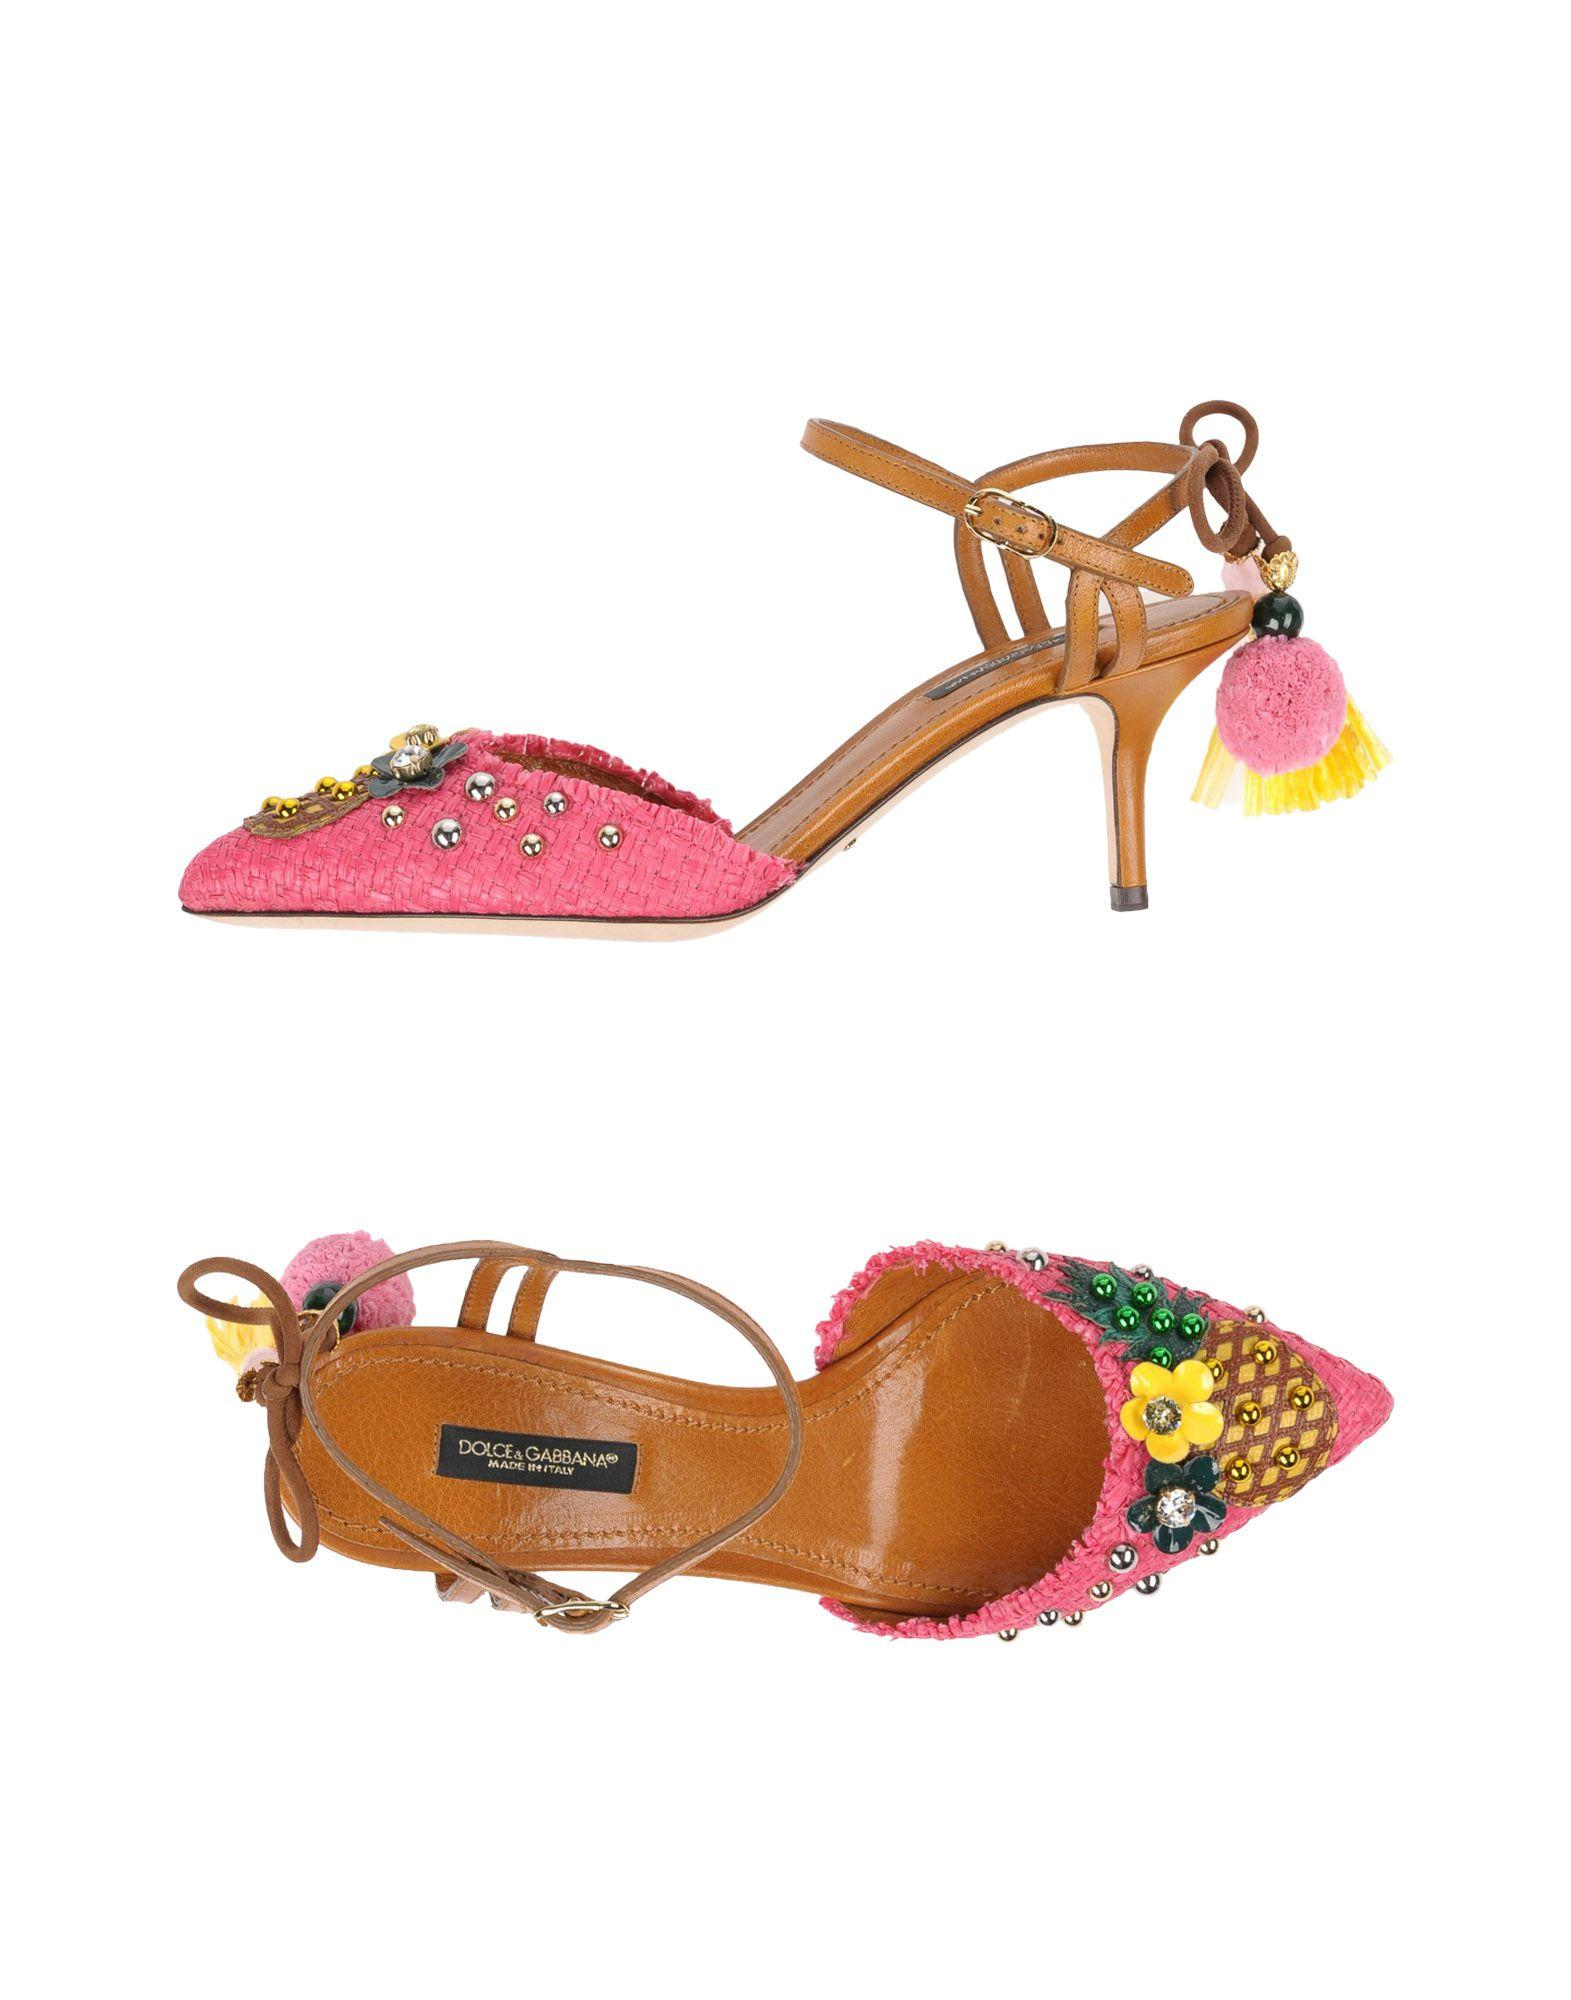 Dolce & Gabbana Pump In Pink